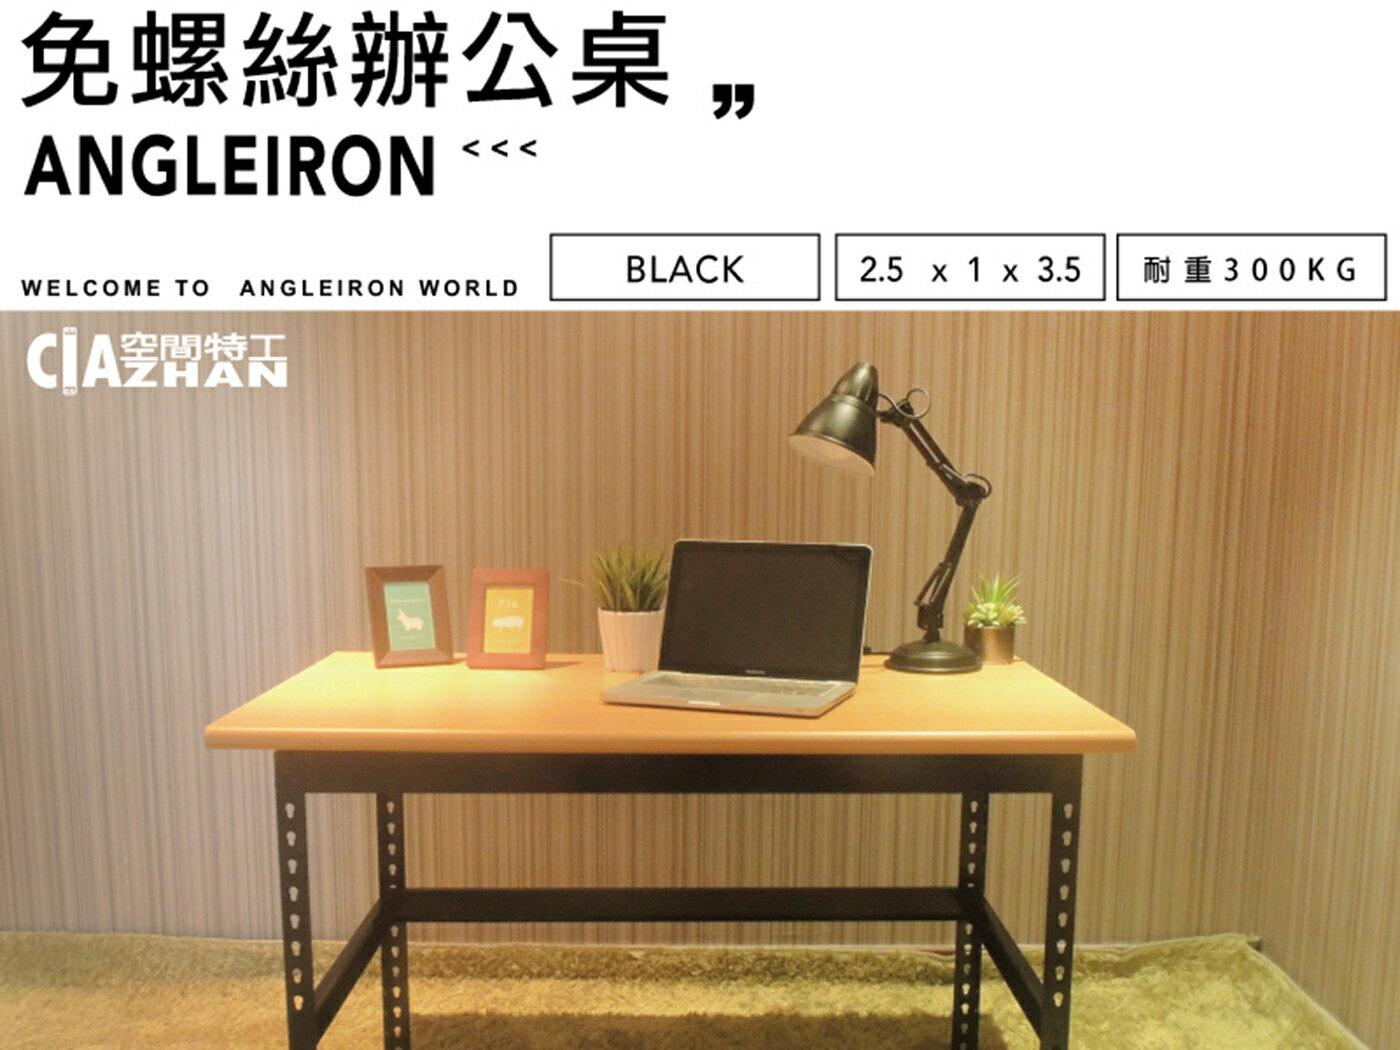 會議桌♞空間特工♞OA辦公桌(木紋桌板120x70cm,高密度塑合板 抗刮耐磨)角鋼桌 工作桌 書桌 免運費 - 限時優惠好康折扣